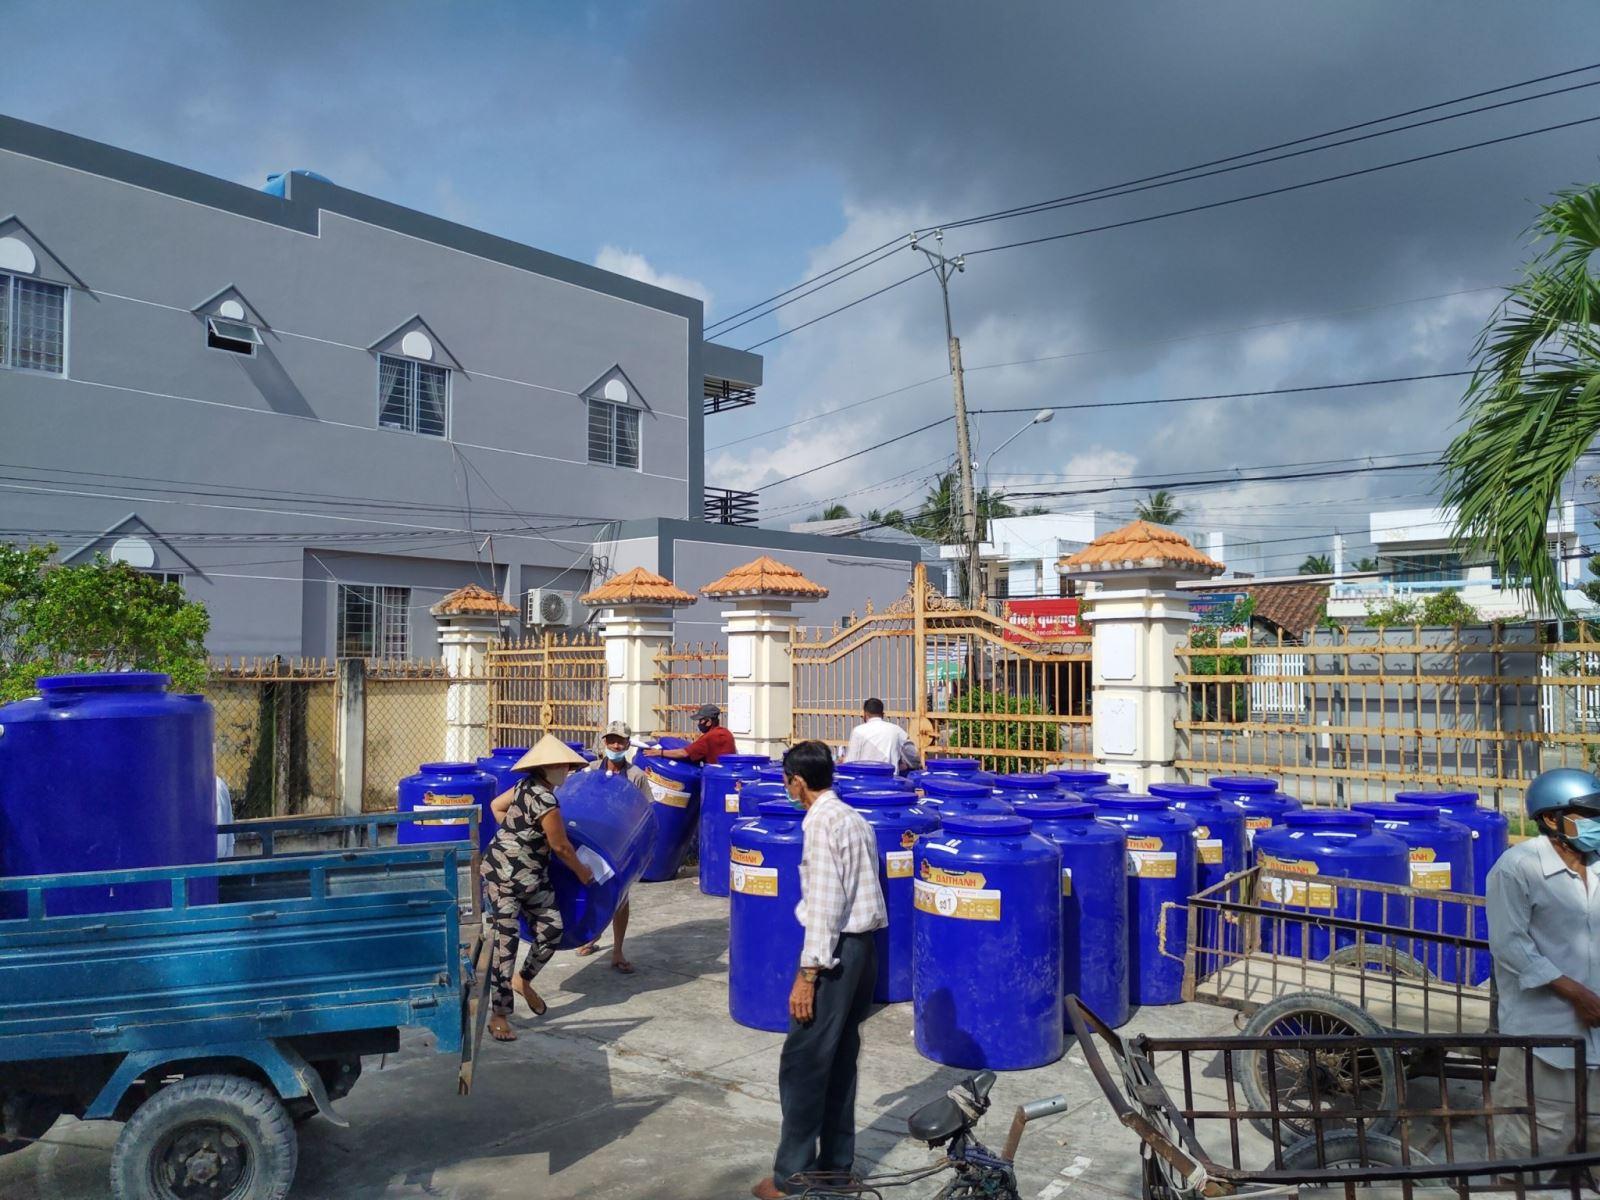 Công đoàn cơ sở Phân hiệu ĐHQG-HCM tại tỉnh Bến Tre trao tặng bồn trữ nước ngọt cho người dân khó khăn